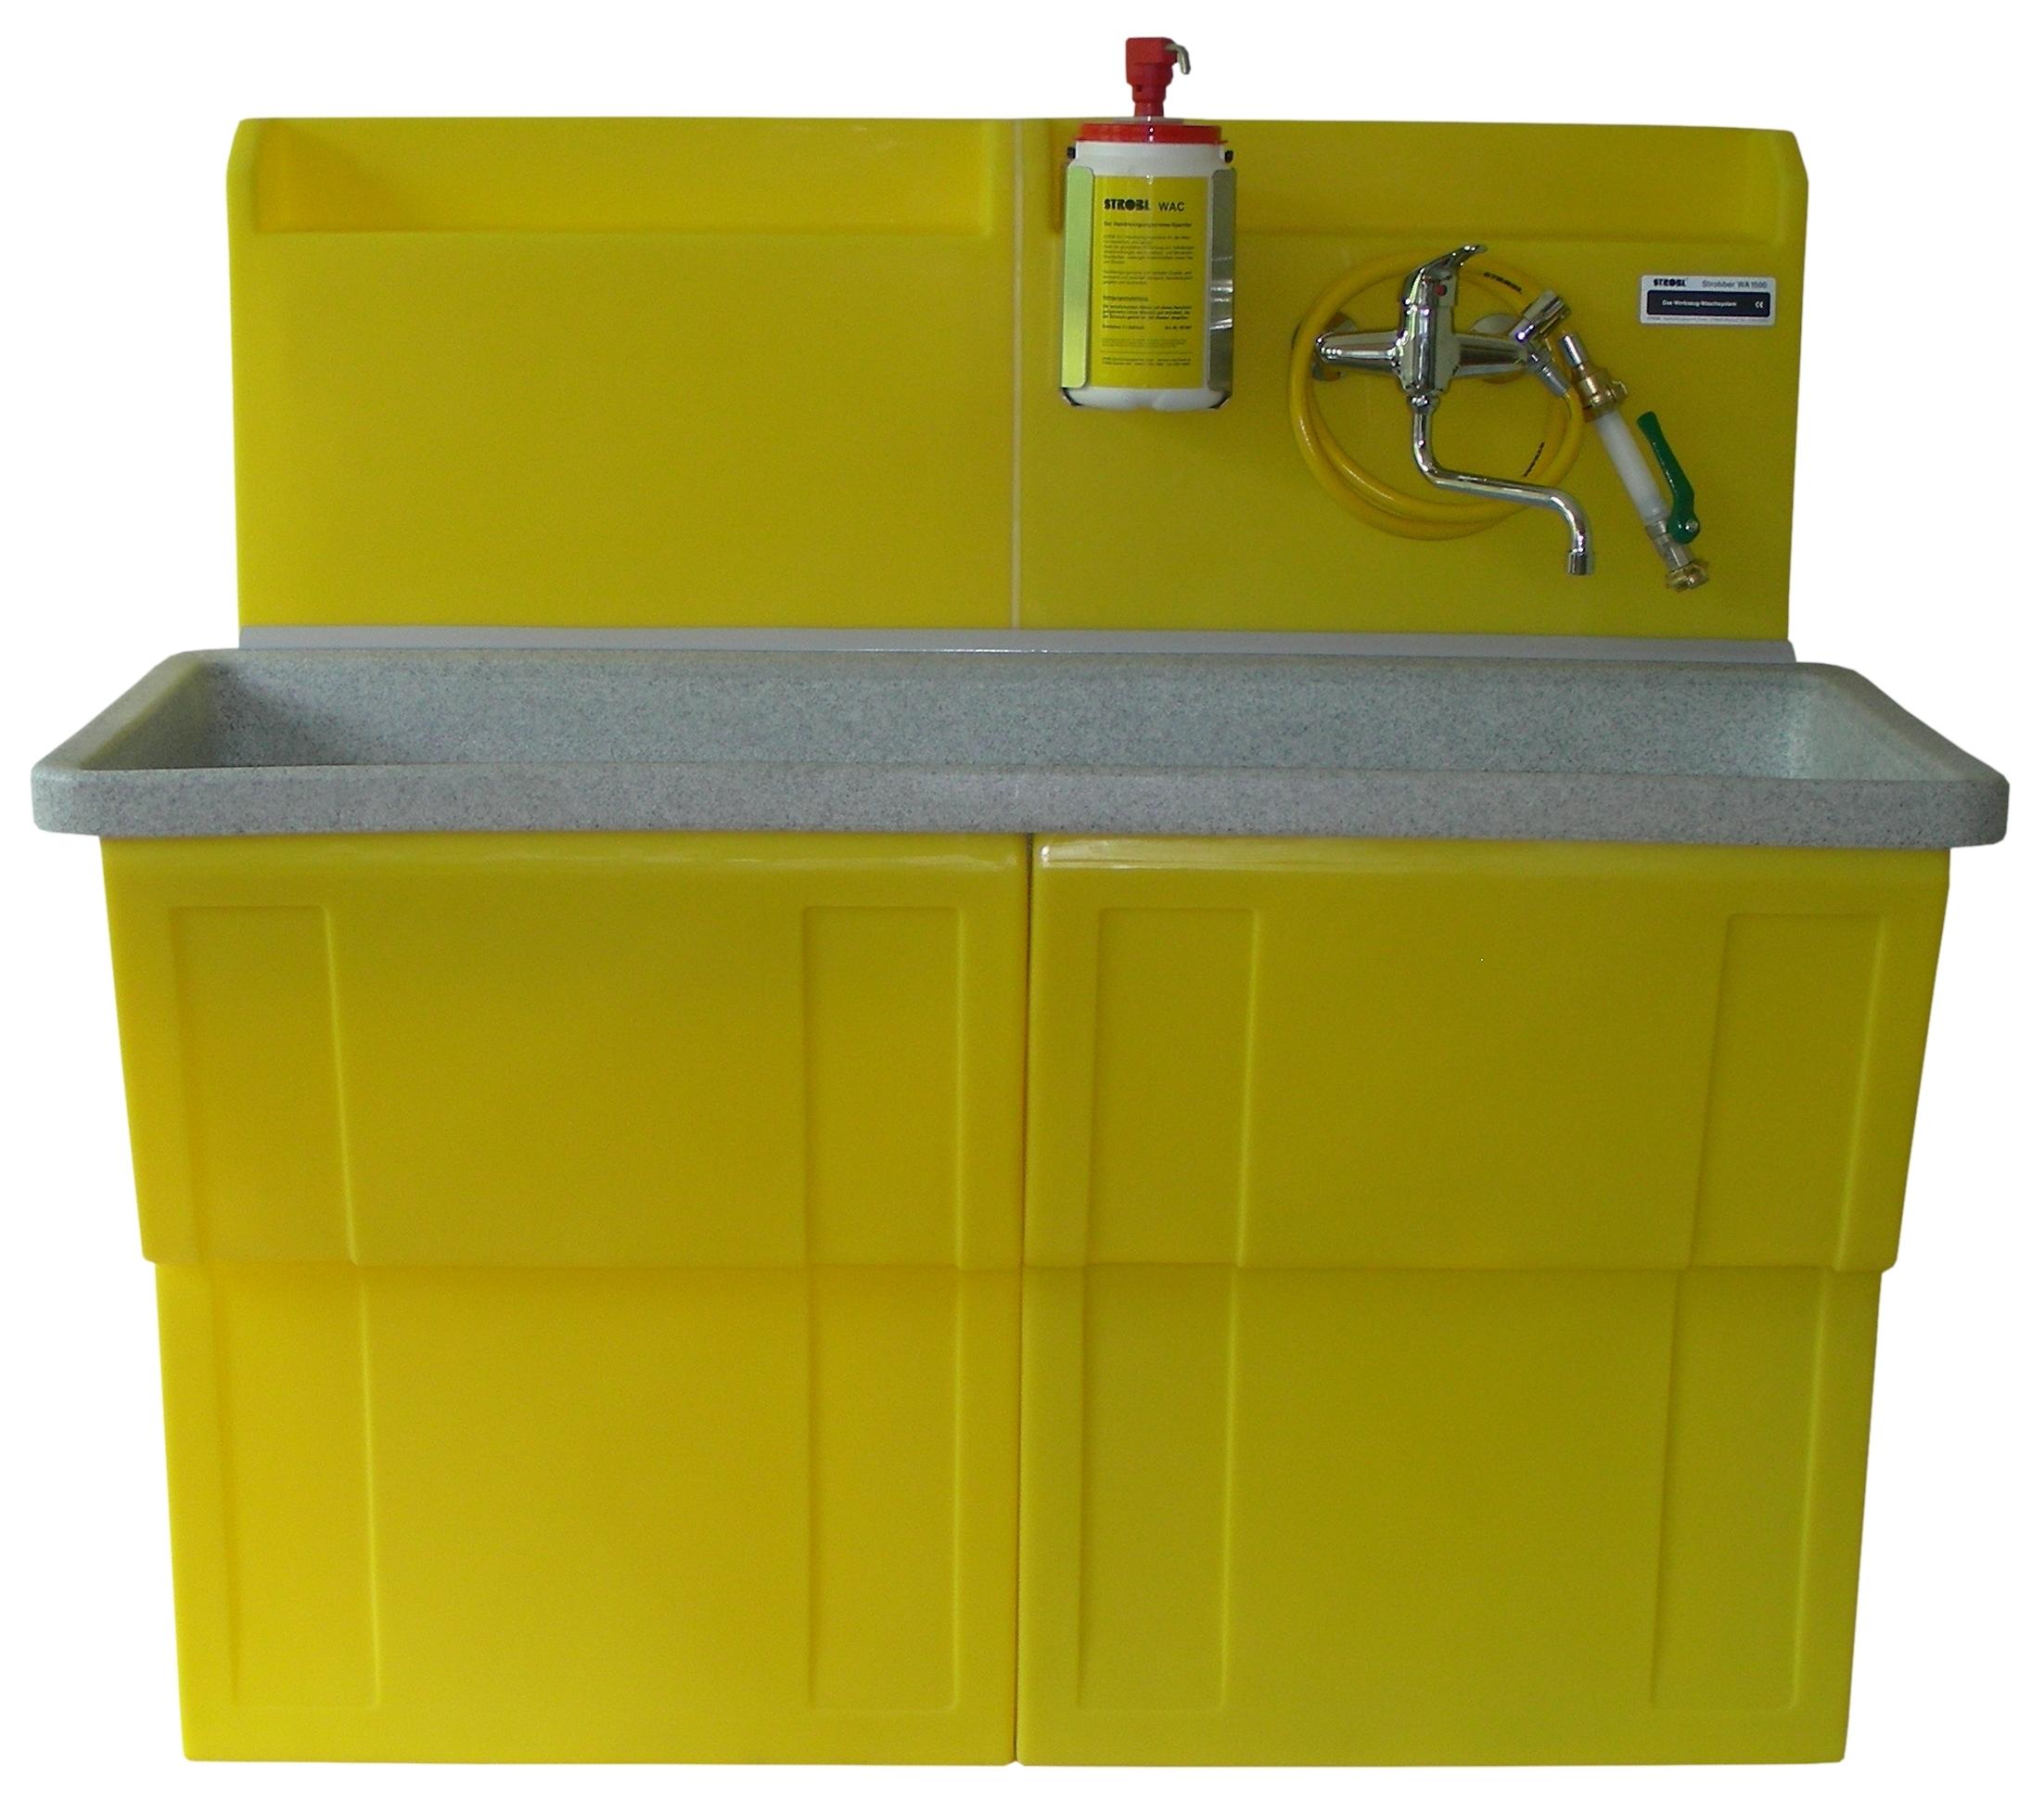 STROBBER WA 1500 Werkzeug Waschsystem - Kompakt und Umweltschonend